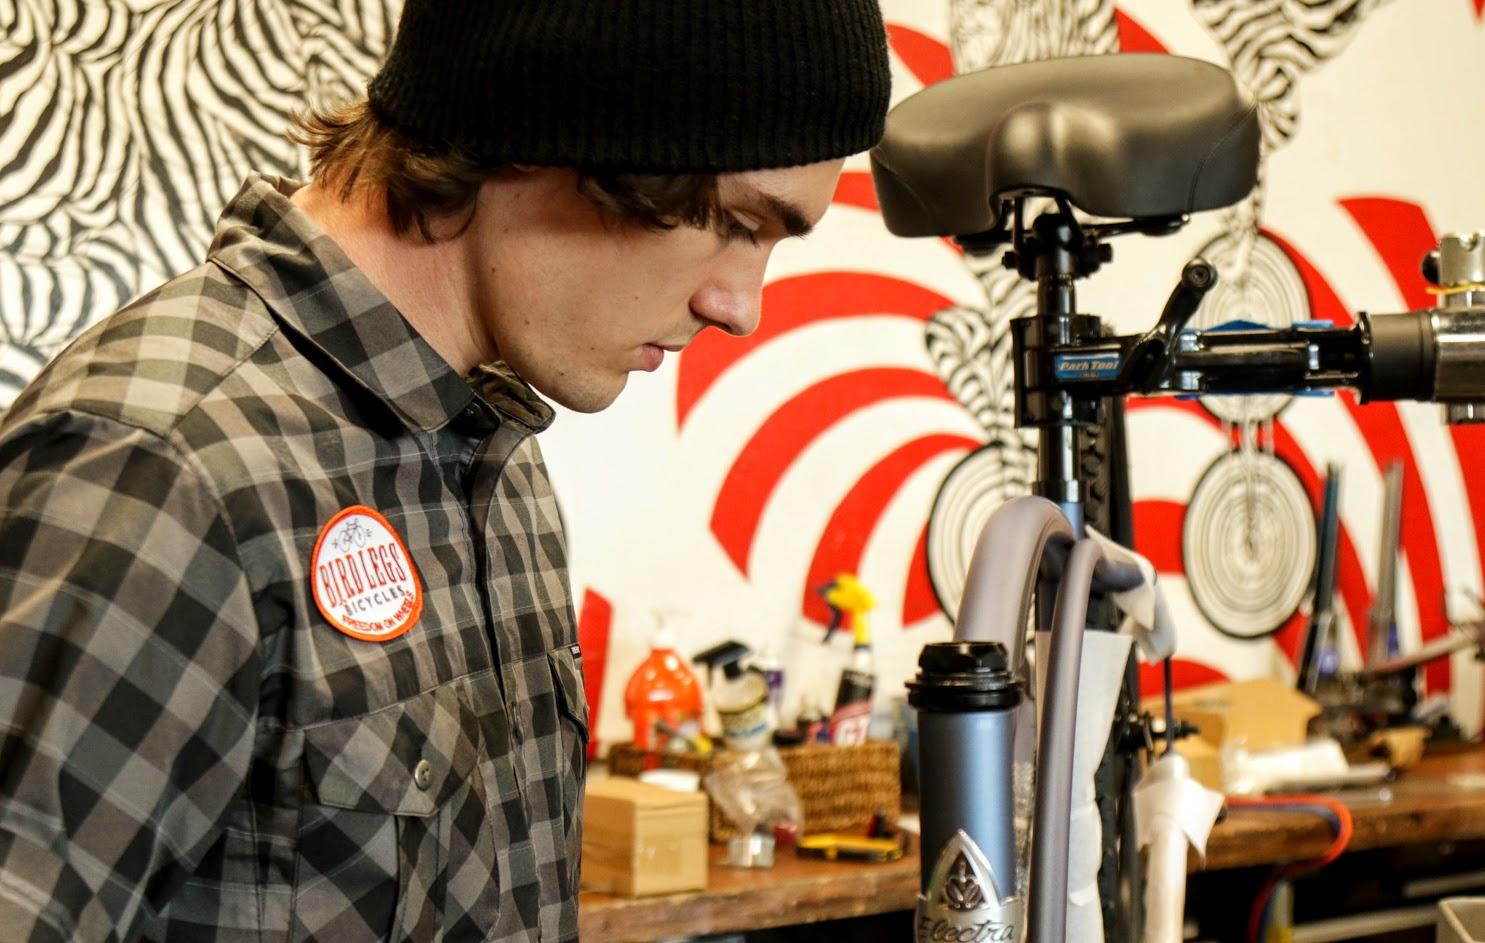 jacksonville-bike-shops-4